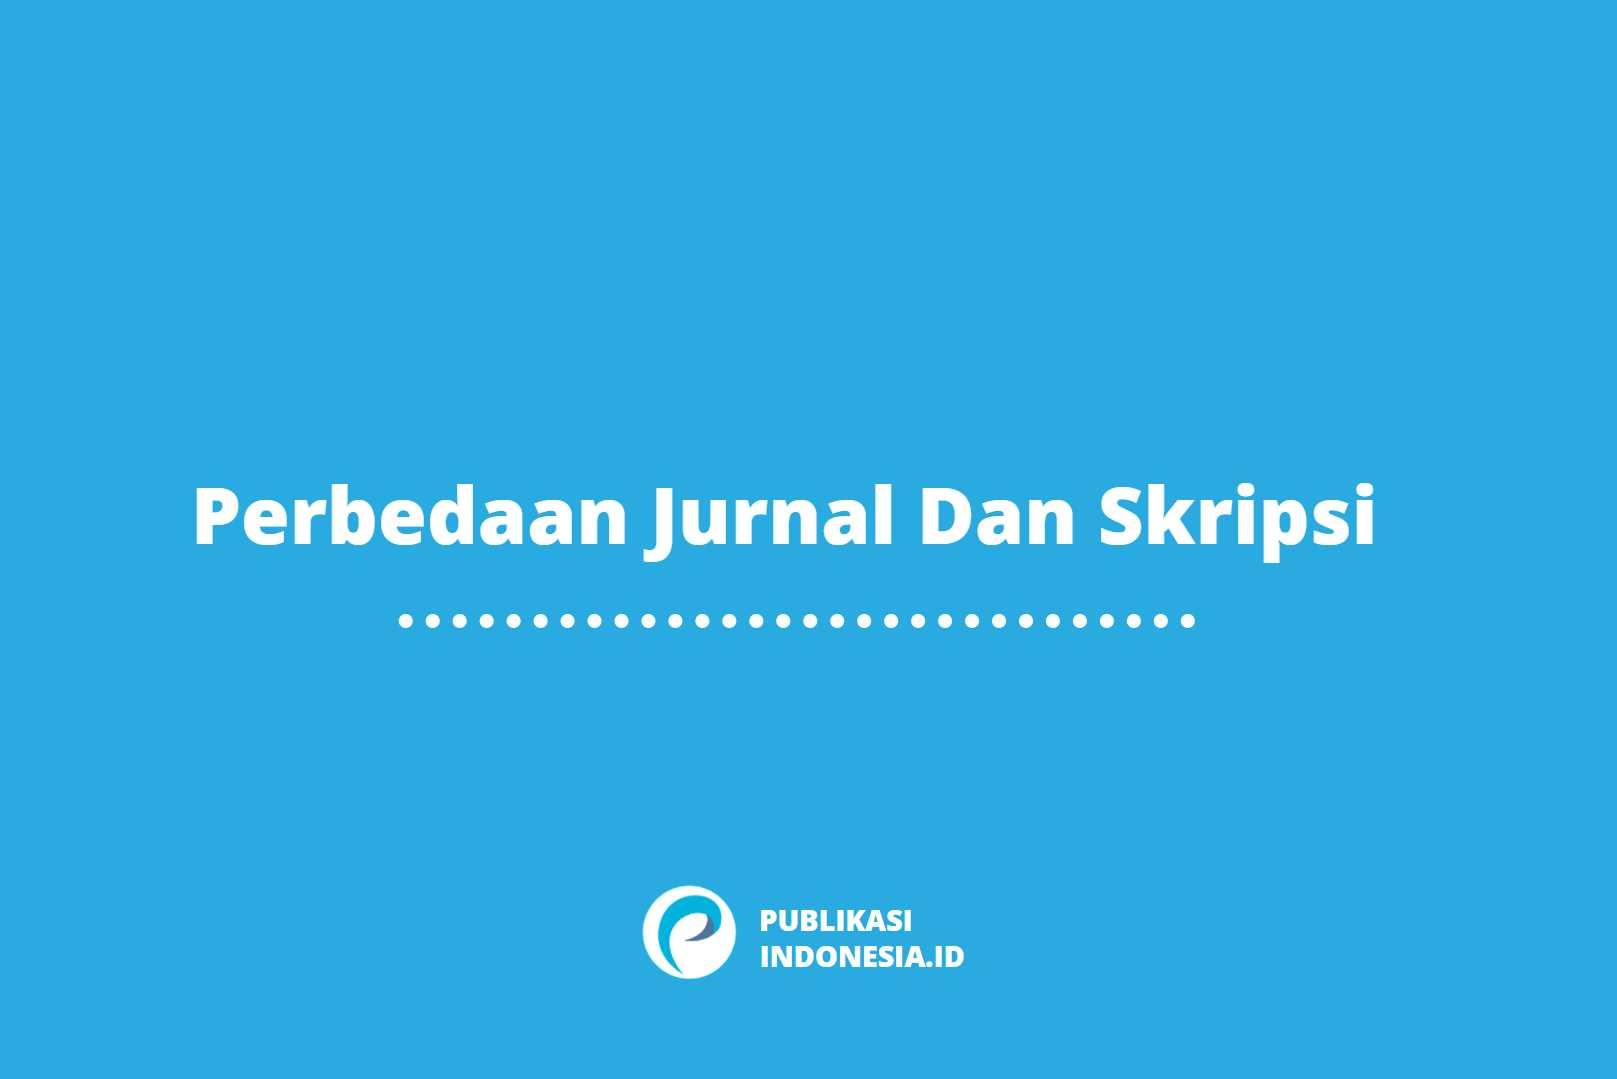 Perbedaan Jurnal Dan Skripsi